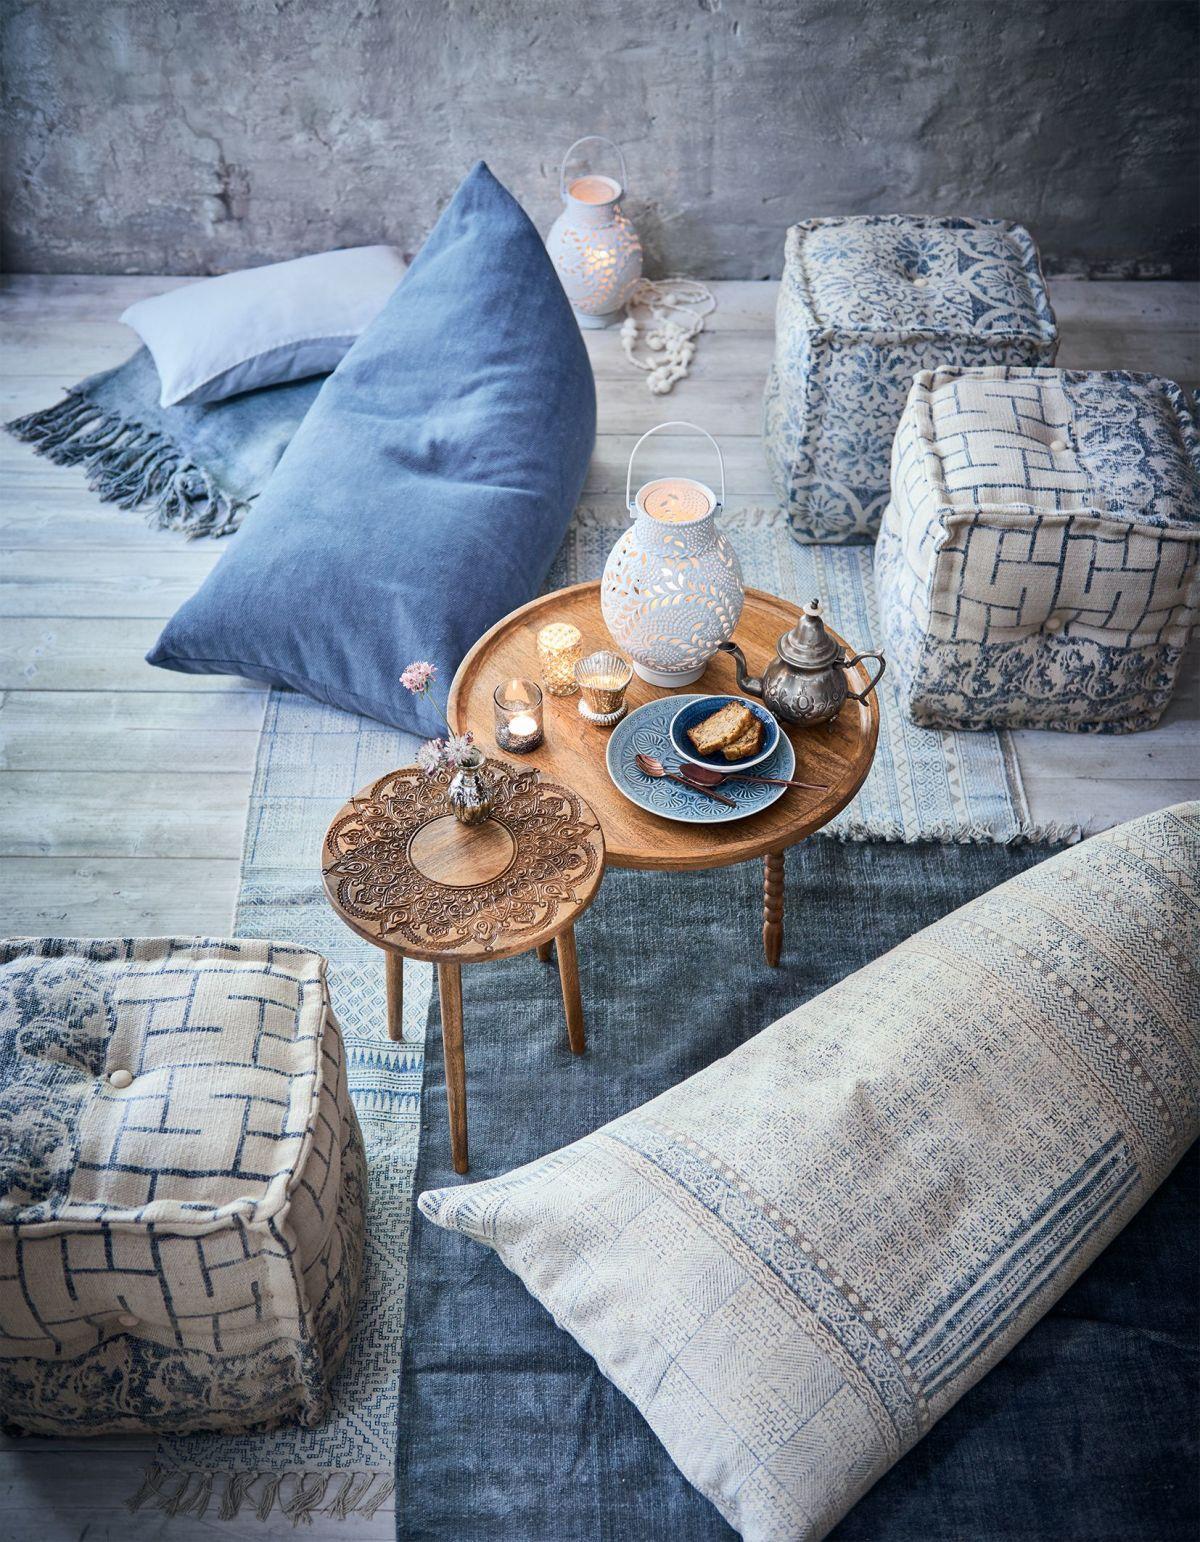 Sitzsack Robuster Baumwollbezug Orientalischer Look 100 Baumwolle Styropor Jetzt Bestellen Unter Http Www Woonio De P Decoracao Almofadas Azul E Branco